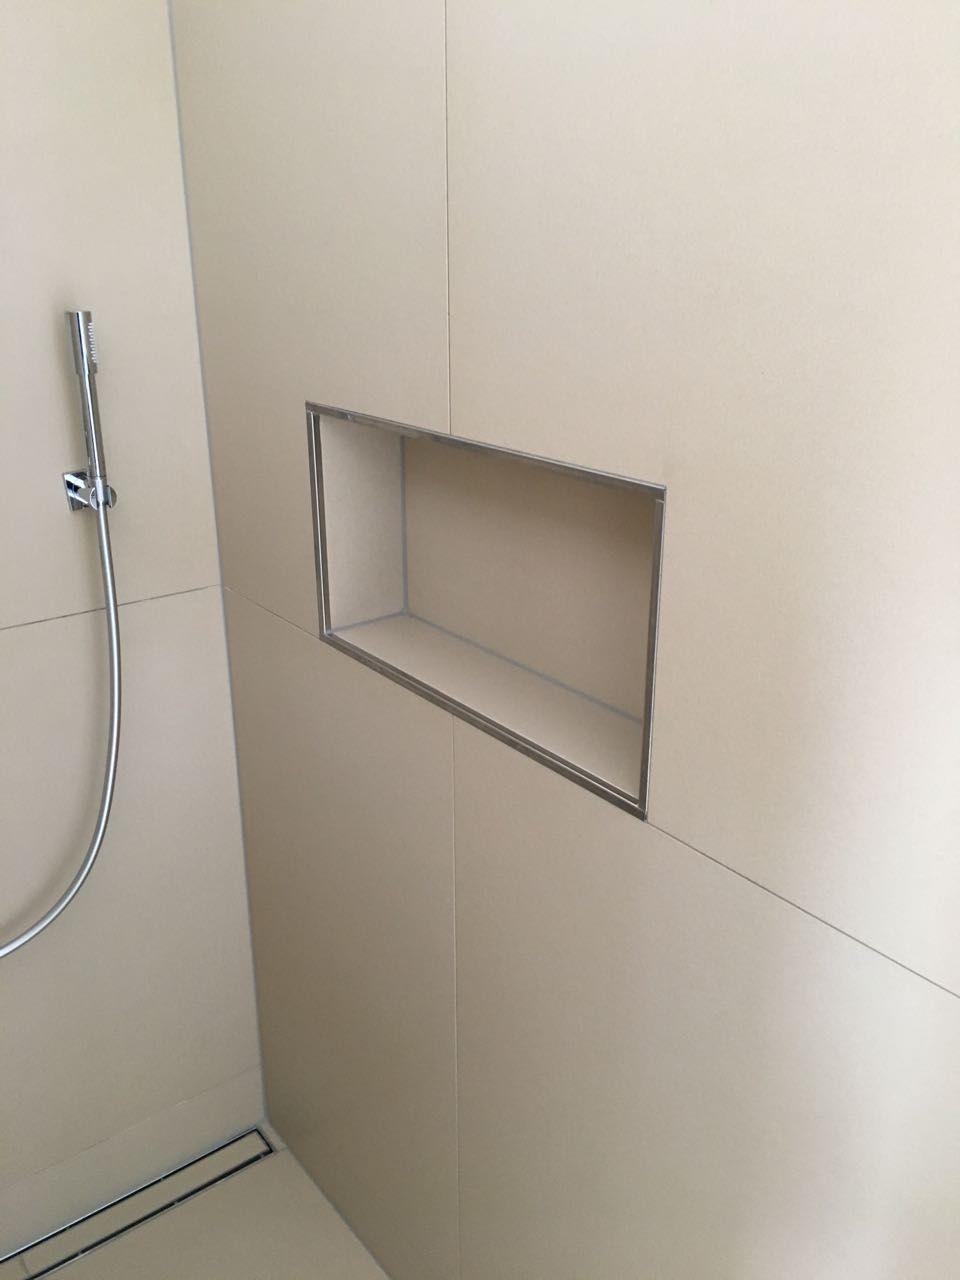 Ablage in der Dusche. Tolle Lösung, wie ich finde. Kleben